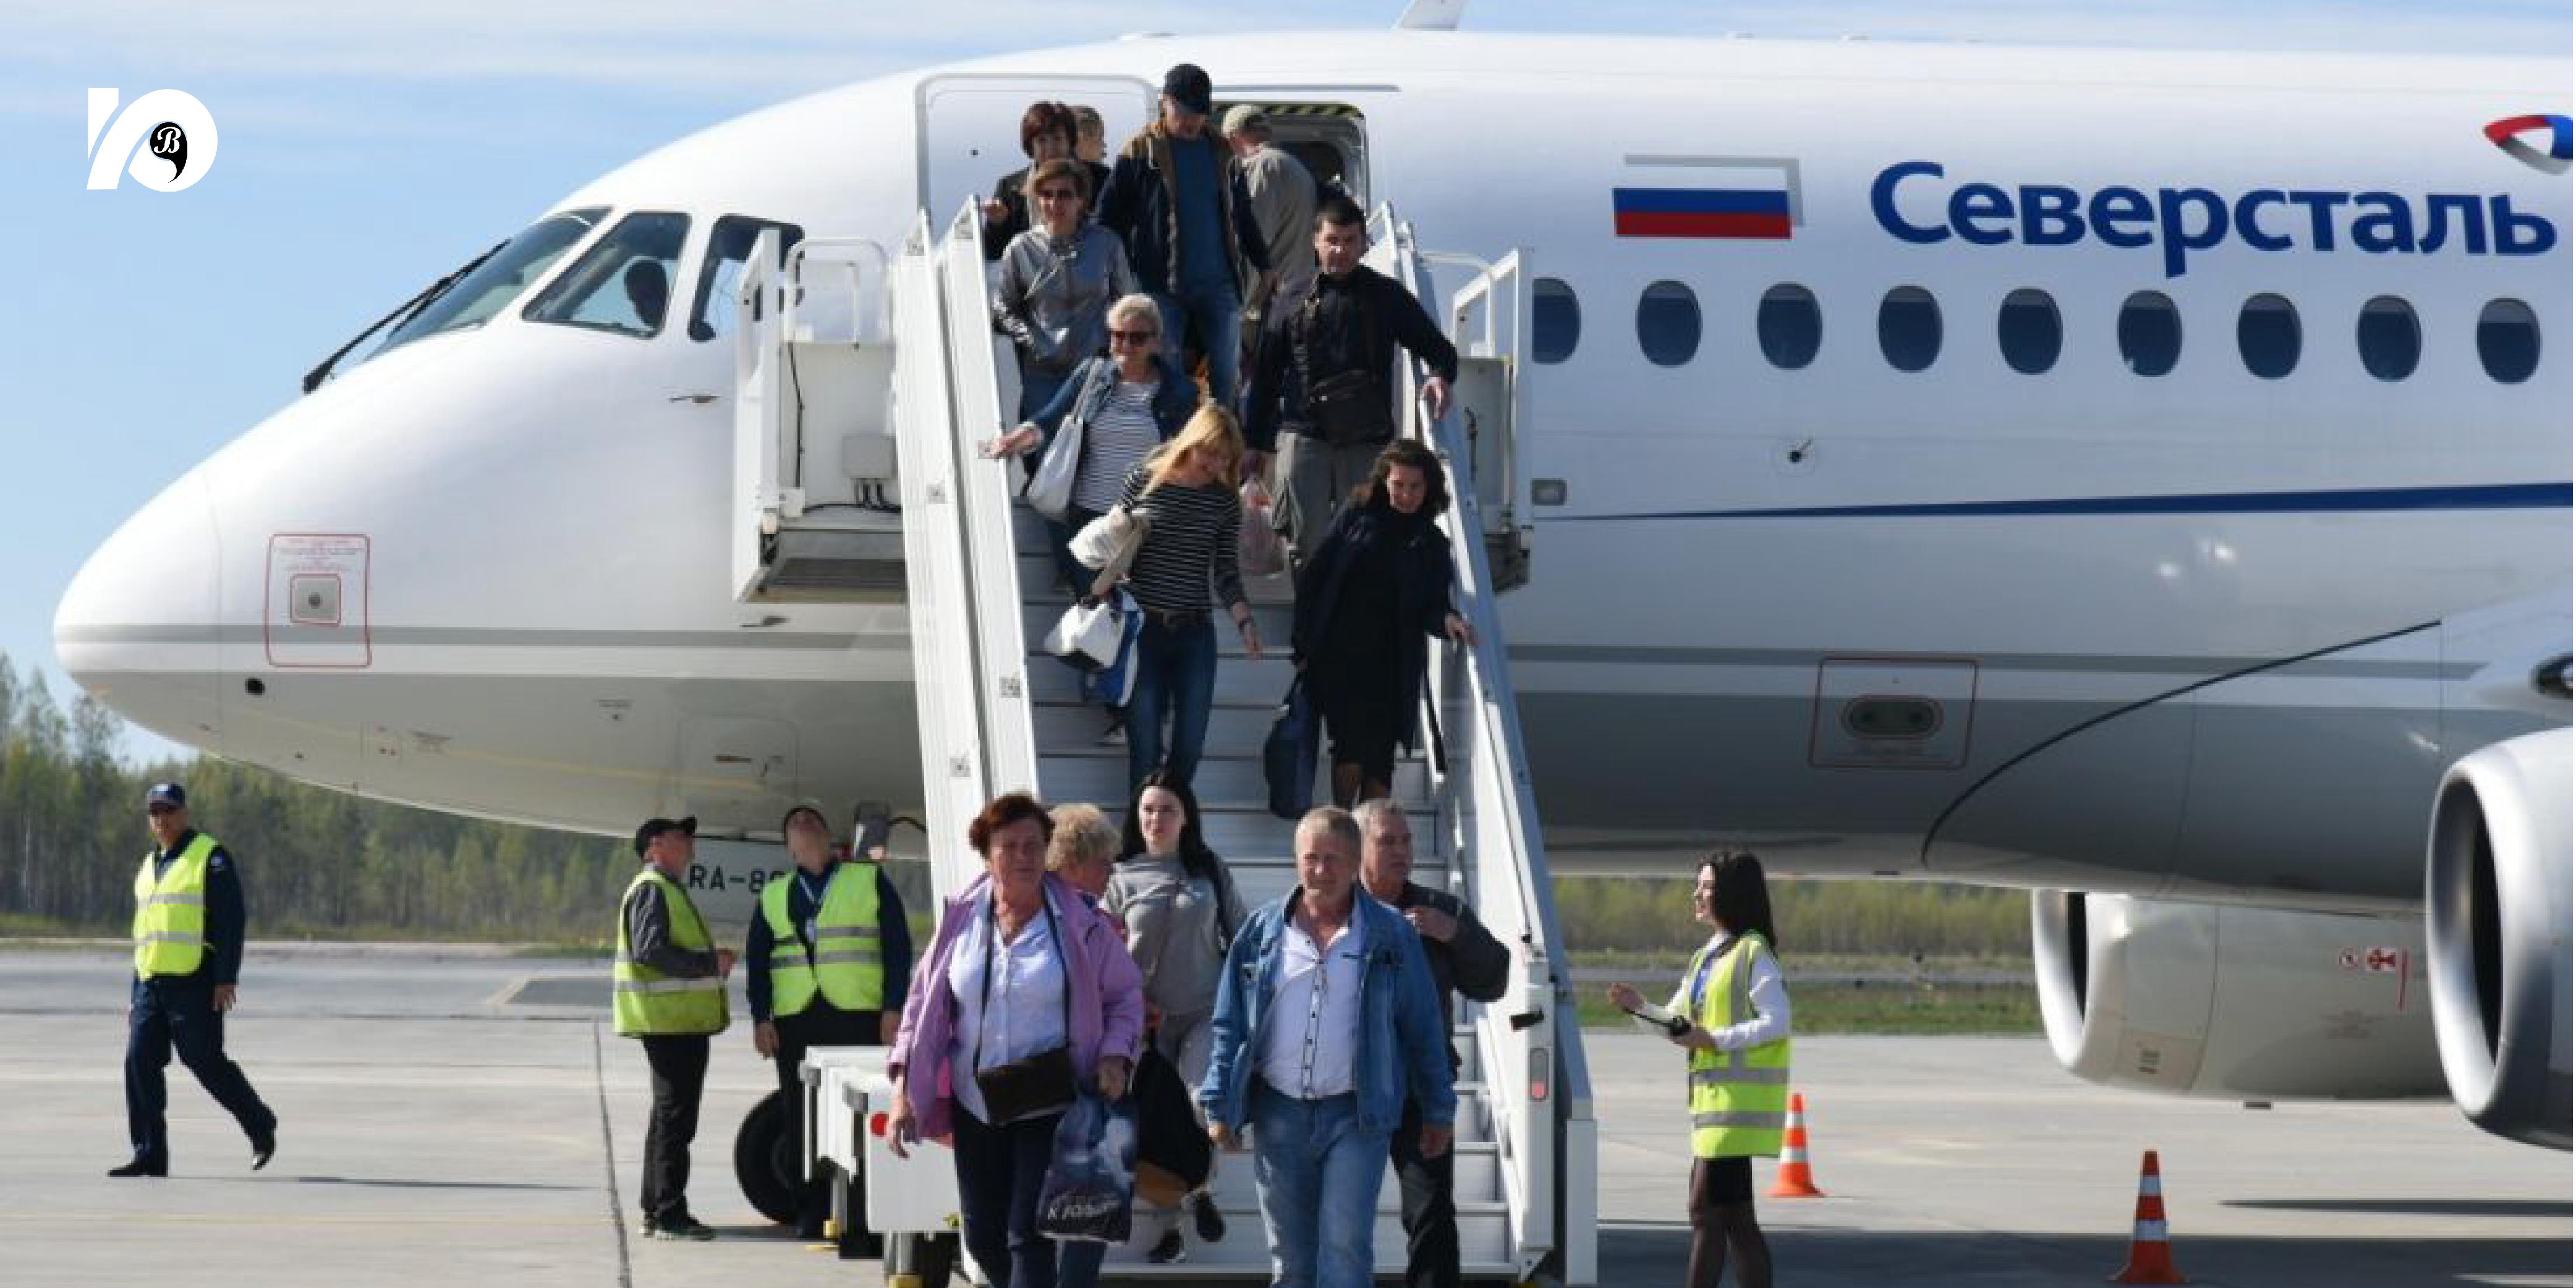 Добраться напрямую от Югорска до Петербурга можно было только на автомобиле, поездом или на самолете с пересадкой. Но с 27 мая 2021 года авиакомпания «Северсталь» выполняет рейсы сообщением «Советский – Санкт-Петербург».